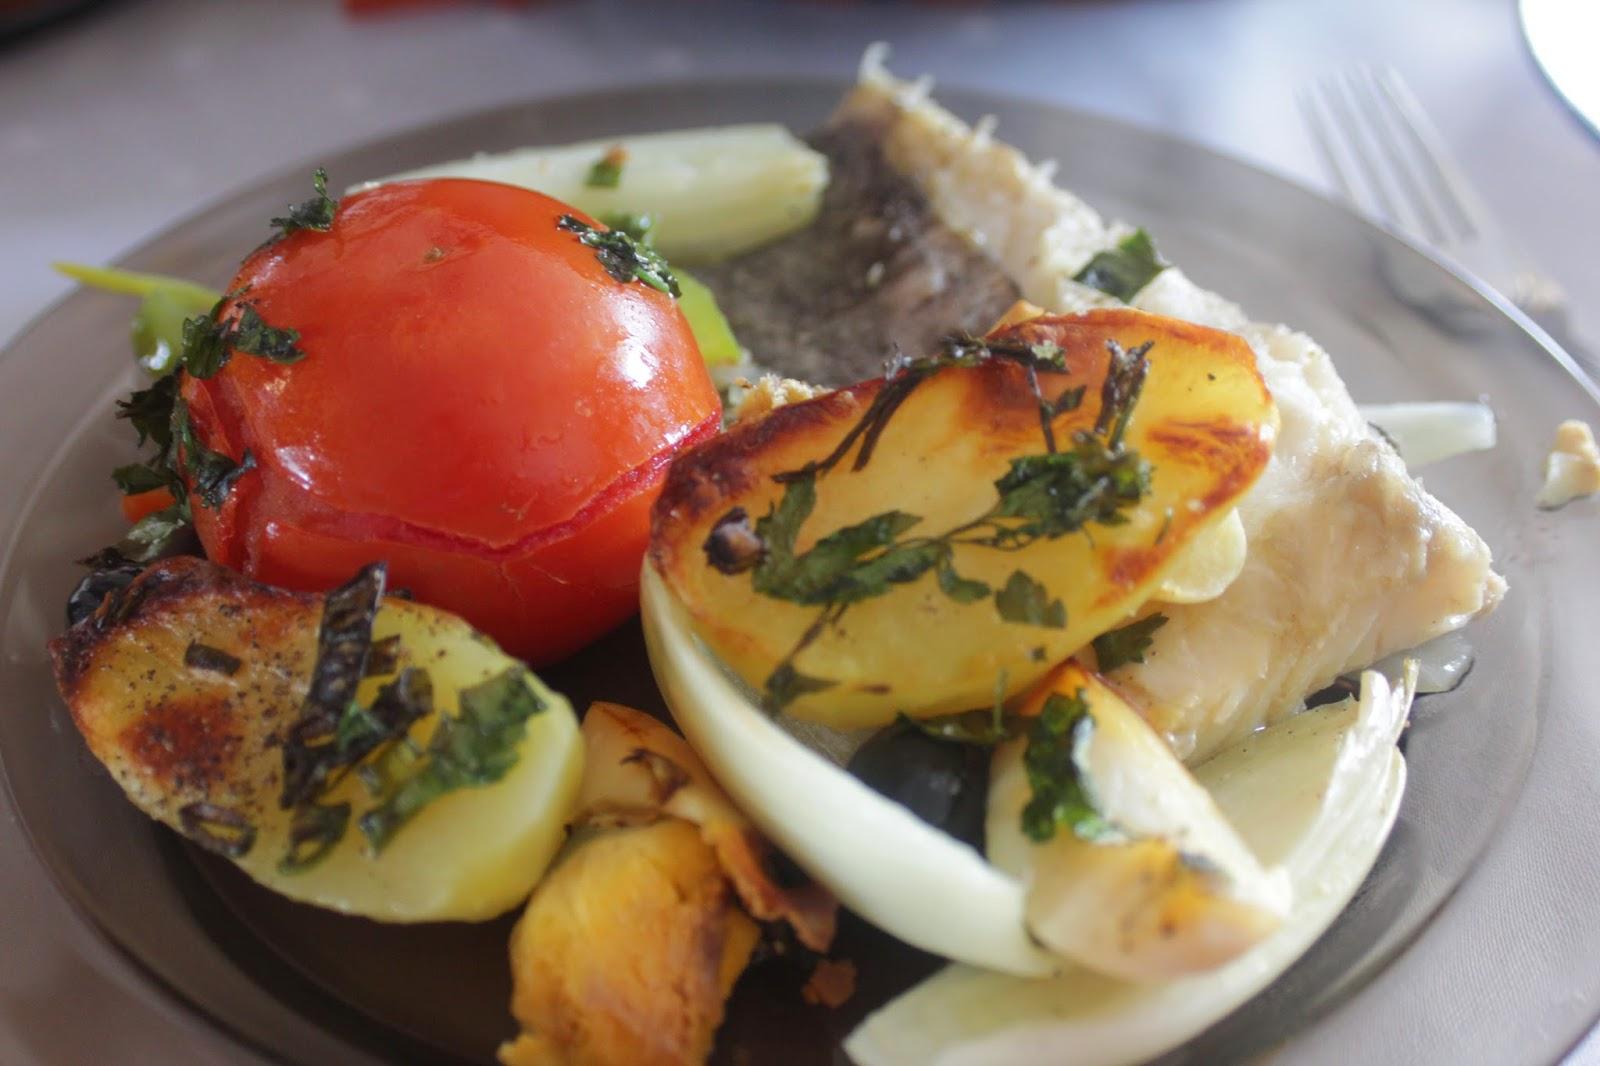 Brazylijskie święta, portugalska wielkanoc, brazylia wielkanoc, pascoa, suszony dorsz, potrawka z dorsza, sztokfisz